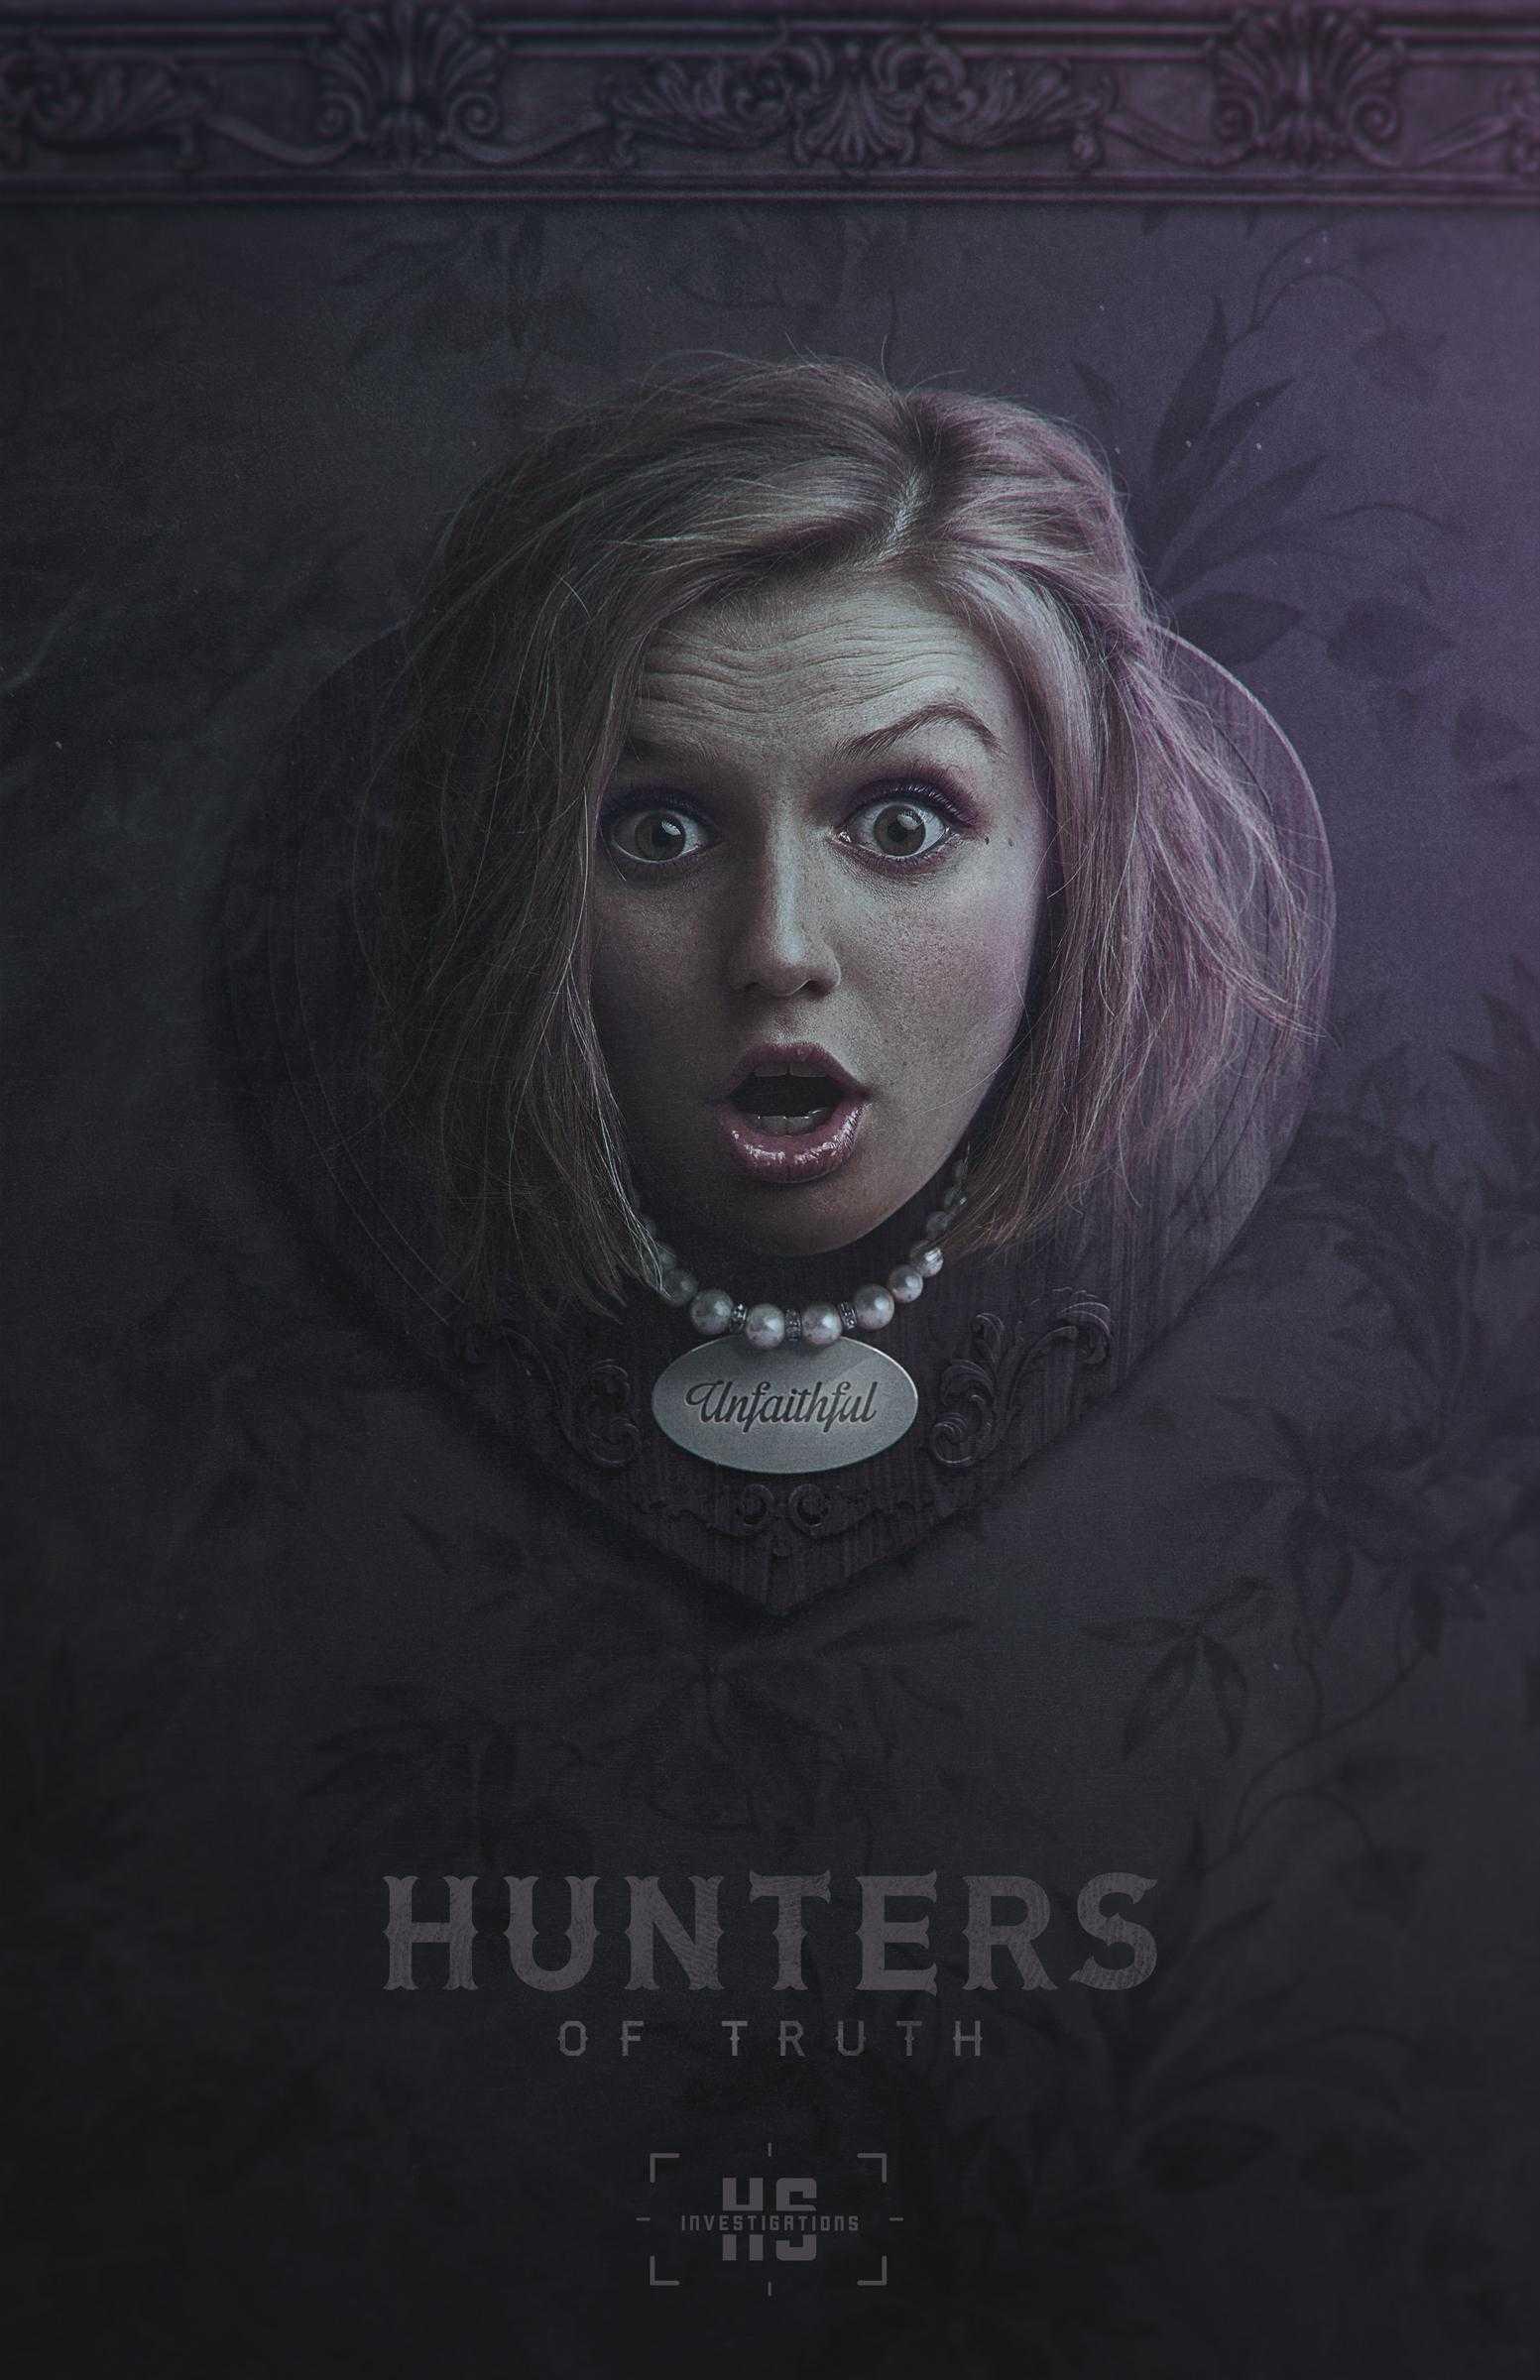 Hunters of Truth - Hustler2